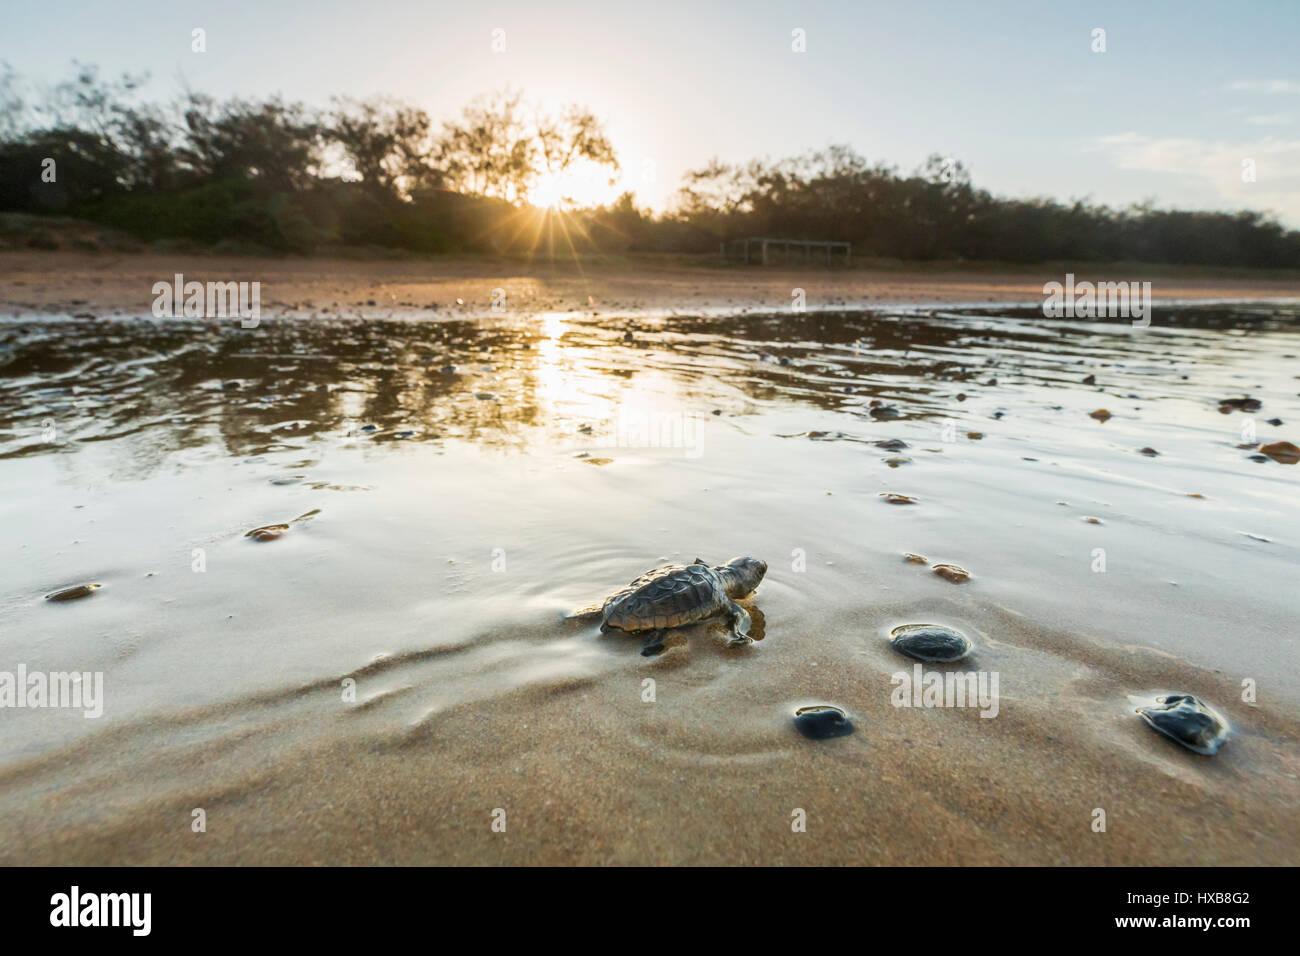 Bébé tortue caouanne (Caretta caretta) faire son voyage vers la mer au coucher du soleil. Mon Repos Conservation Photo Stock